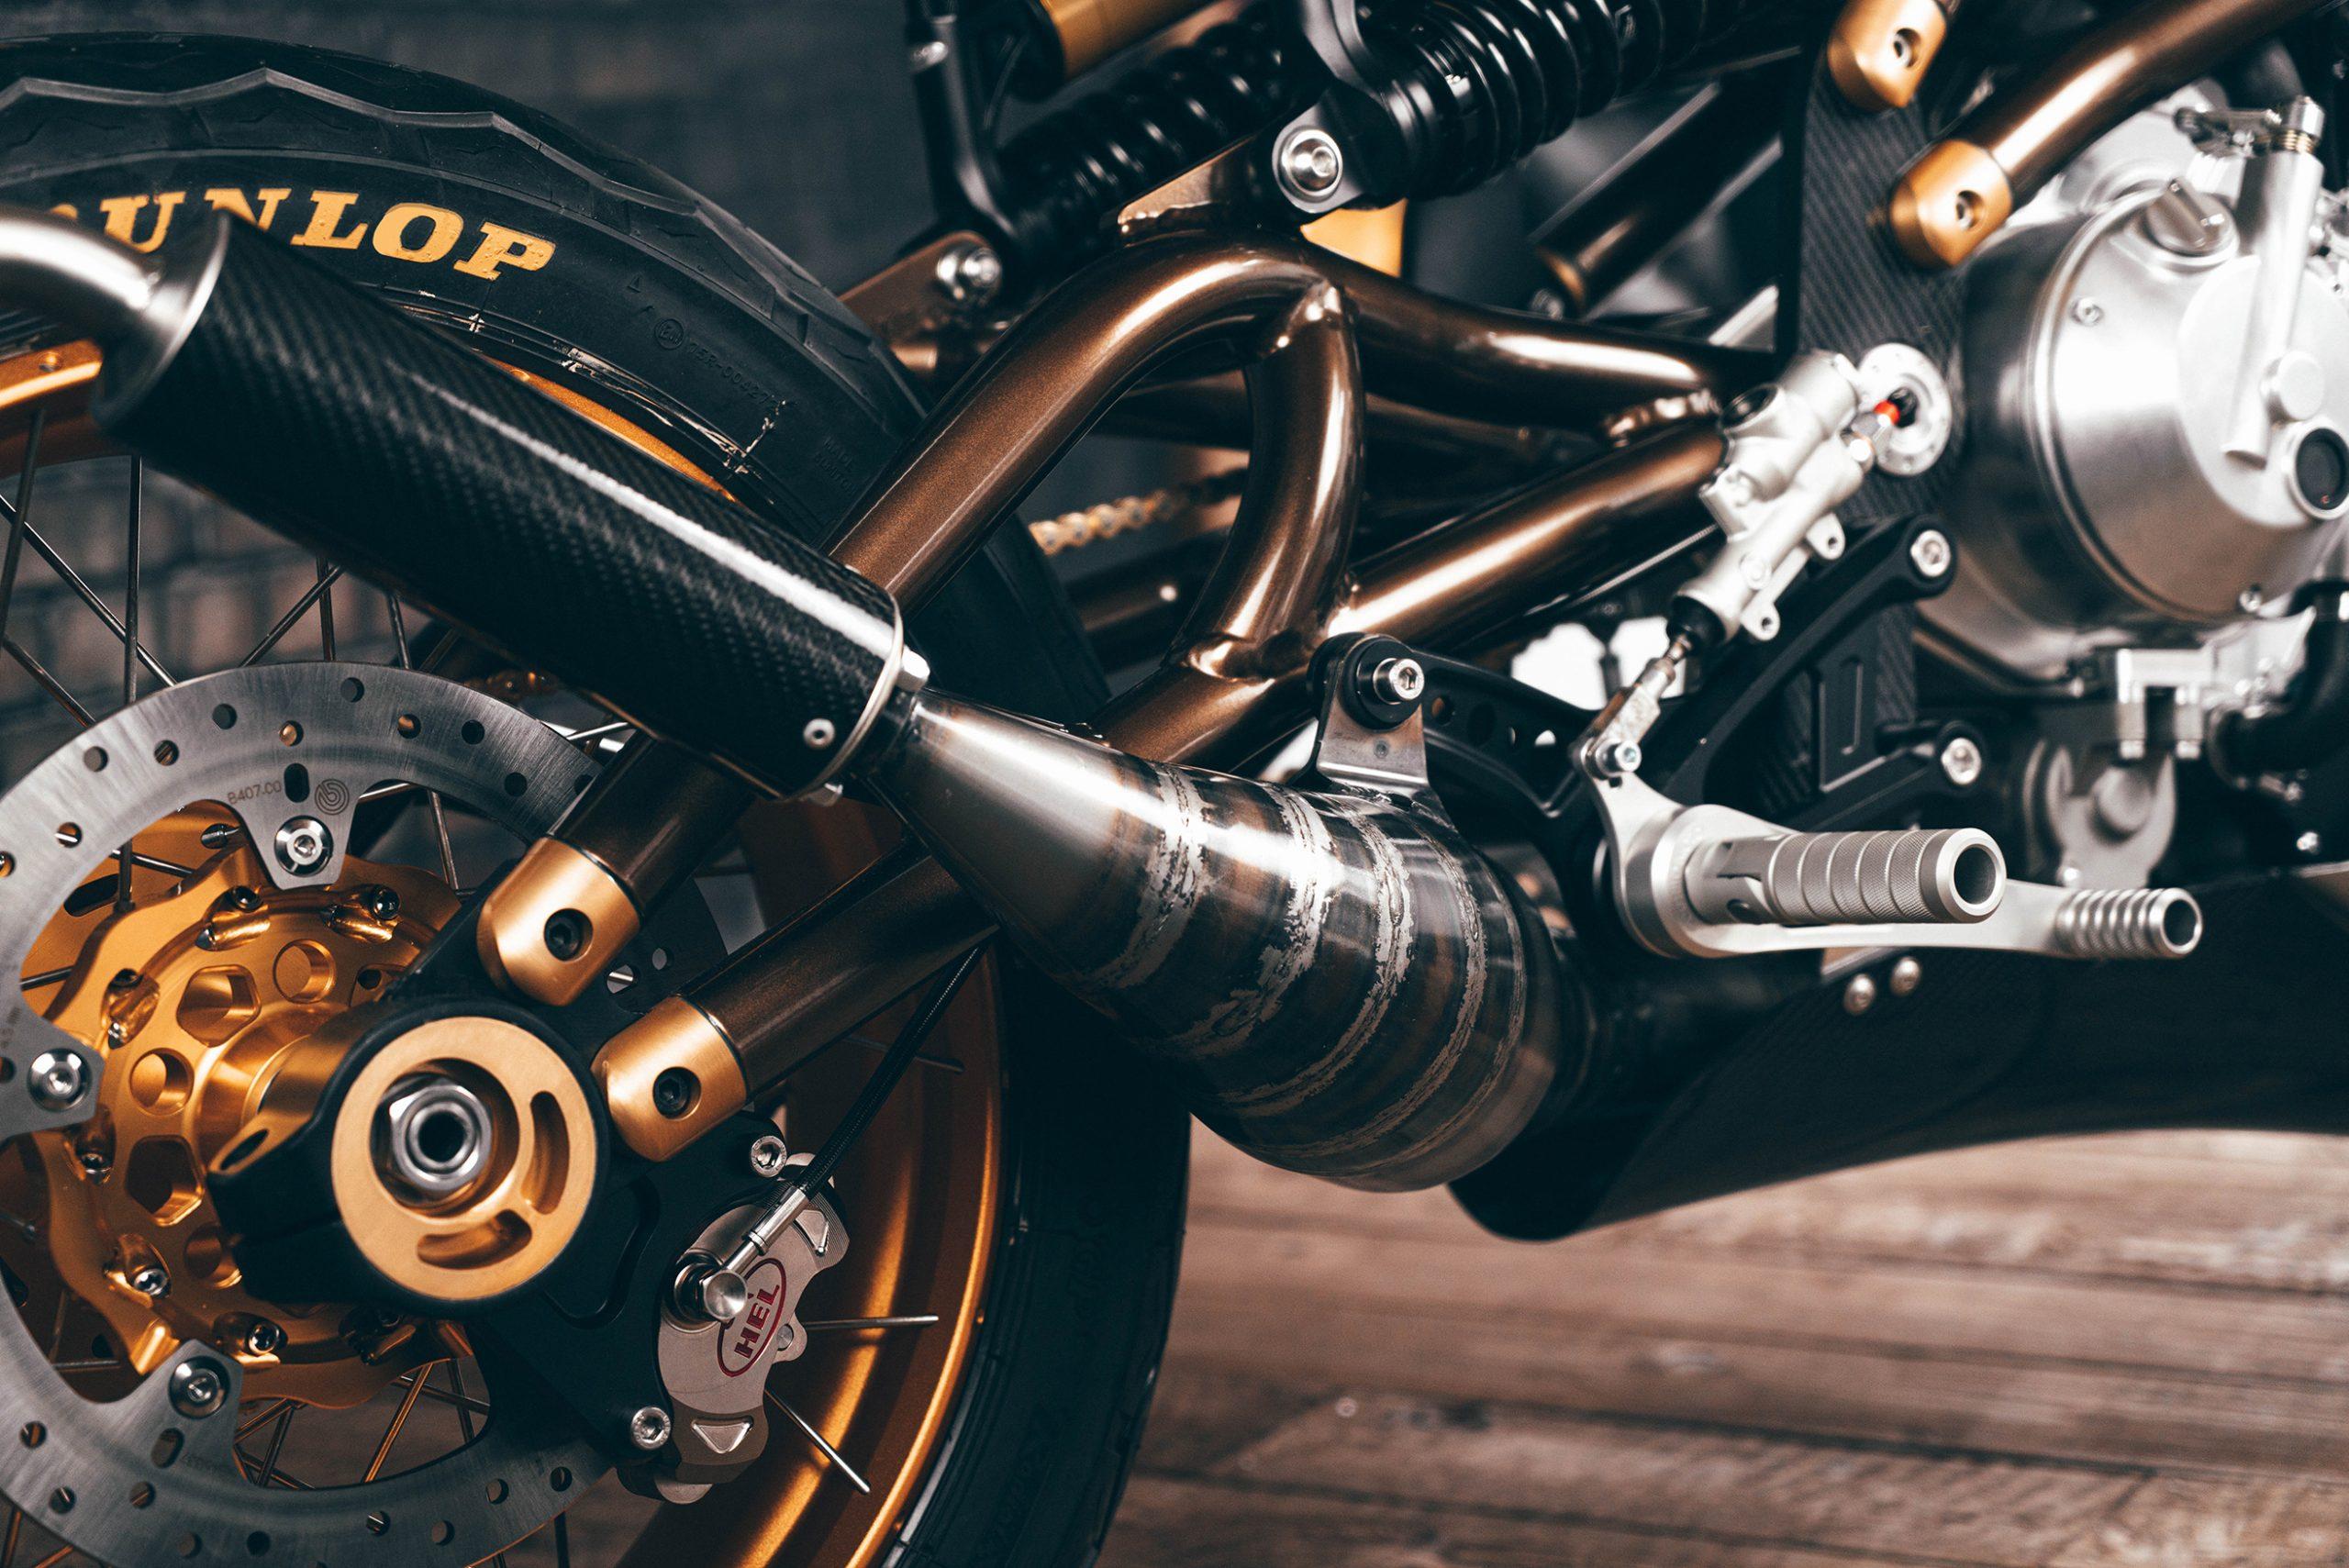 Langen Motorcycles Two Stroke tailpipe